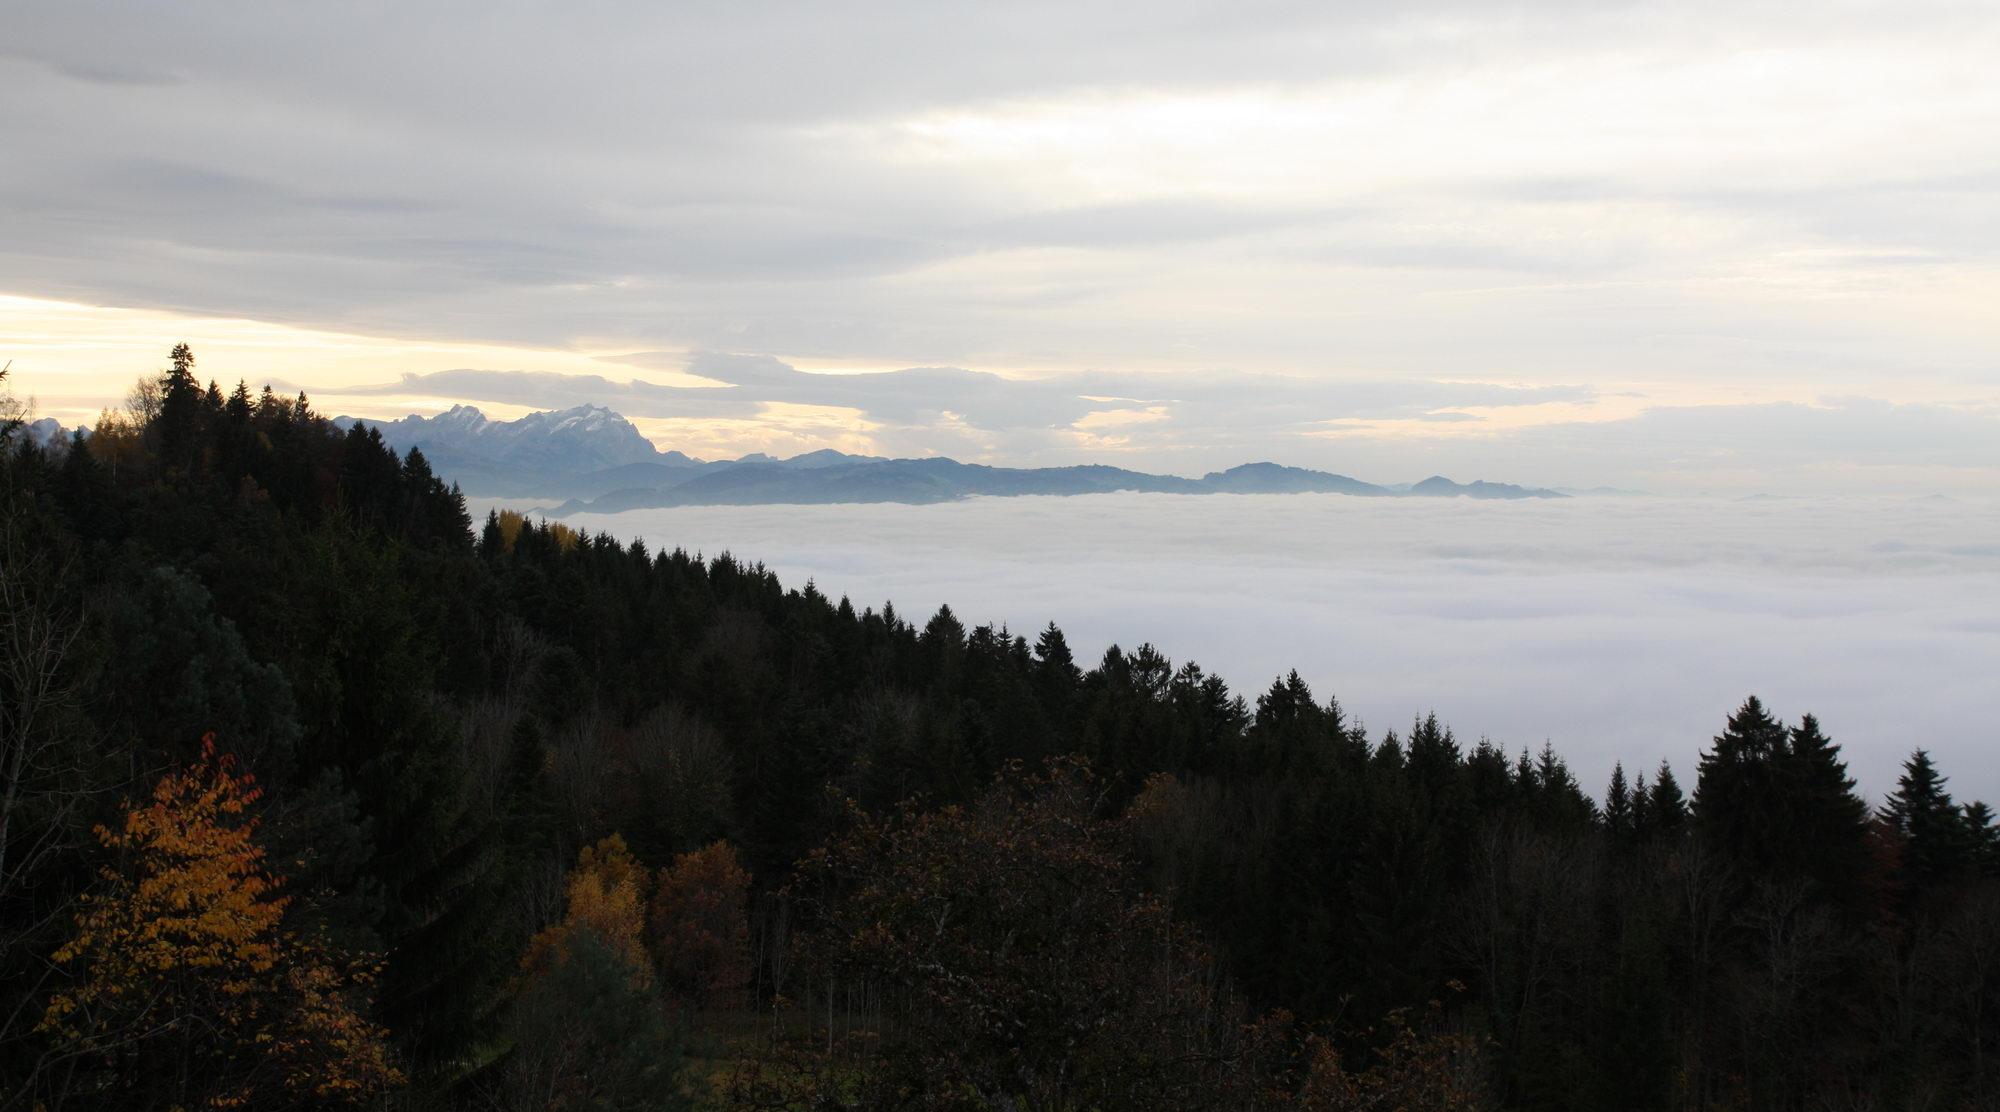 Vernebelter Bodensee vom Hochberg aus gesehen.